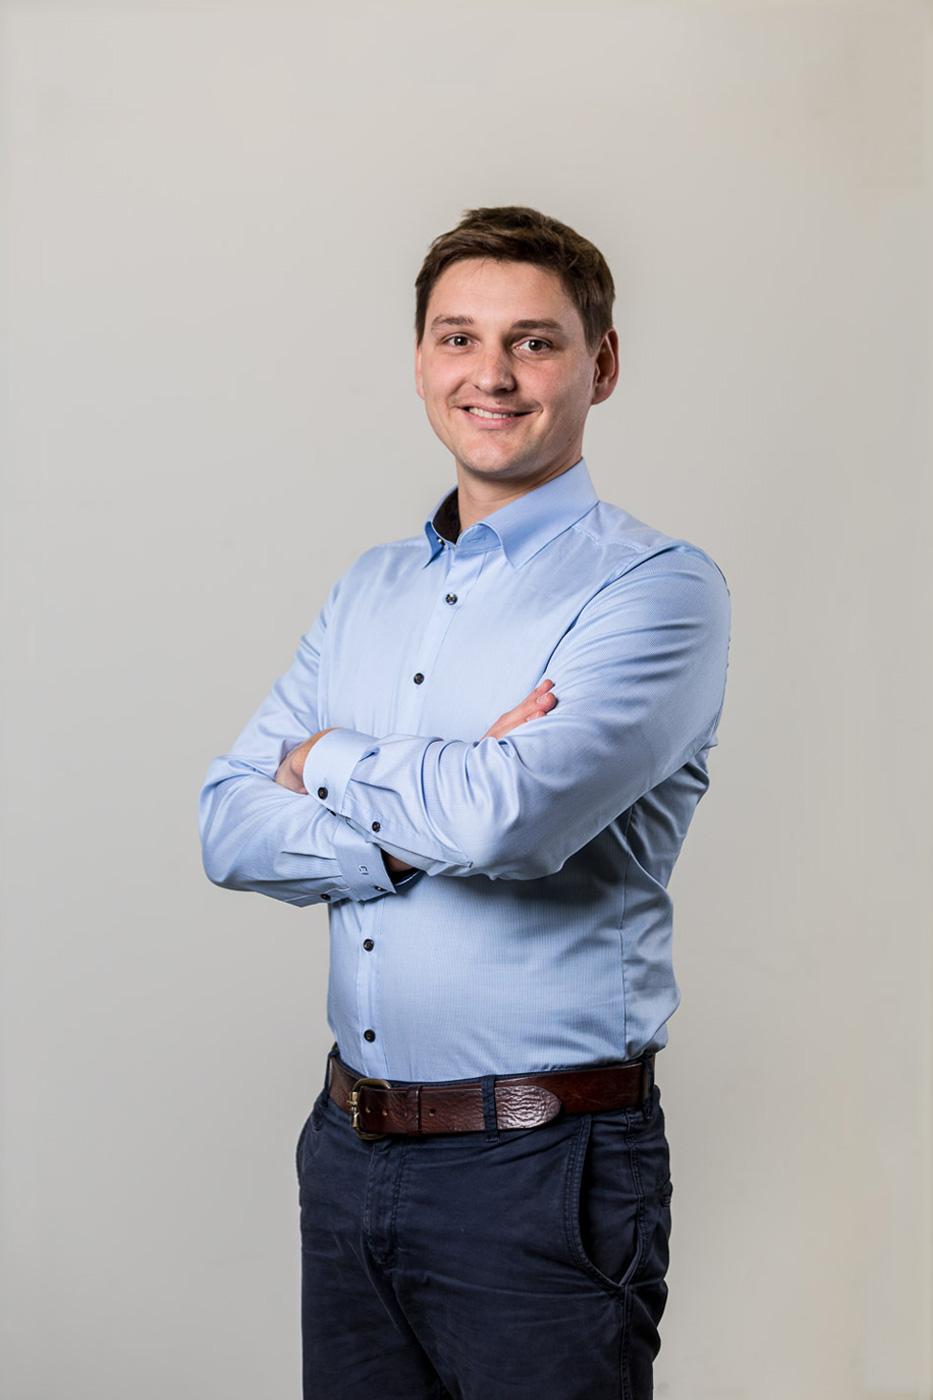 Szymon Pazak, Maschinenbauer und Mikrosystemingenieur